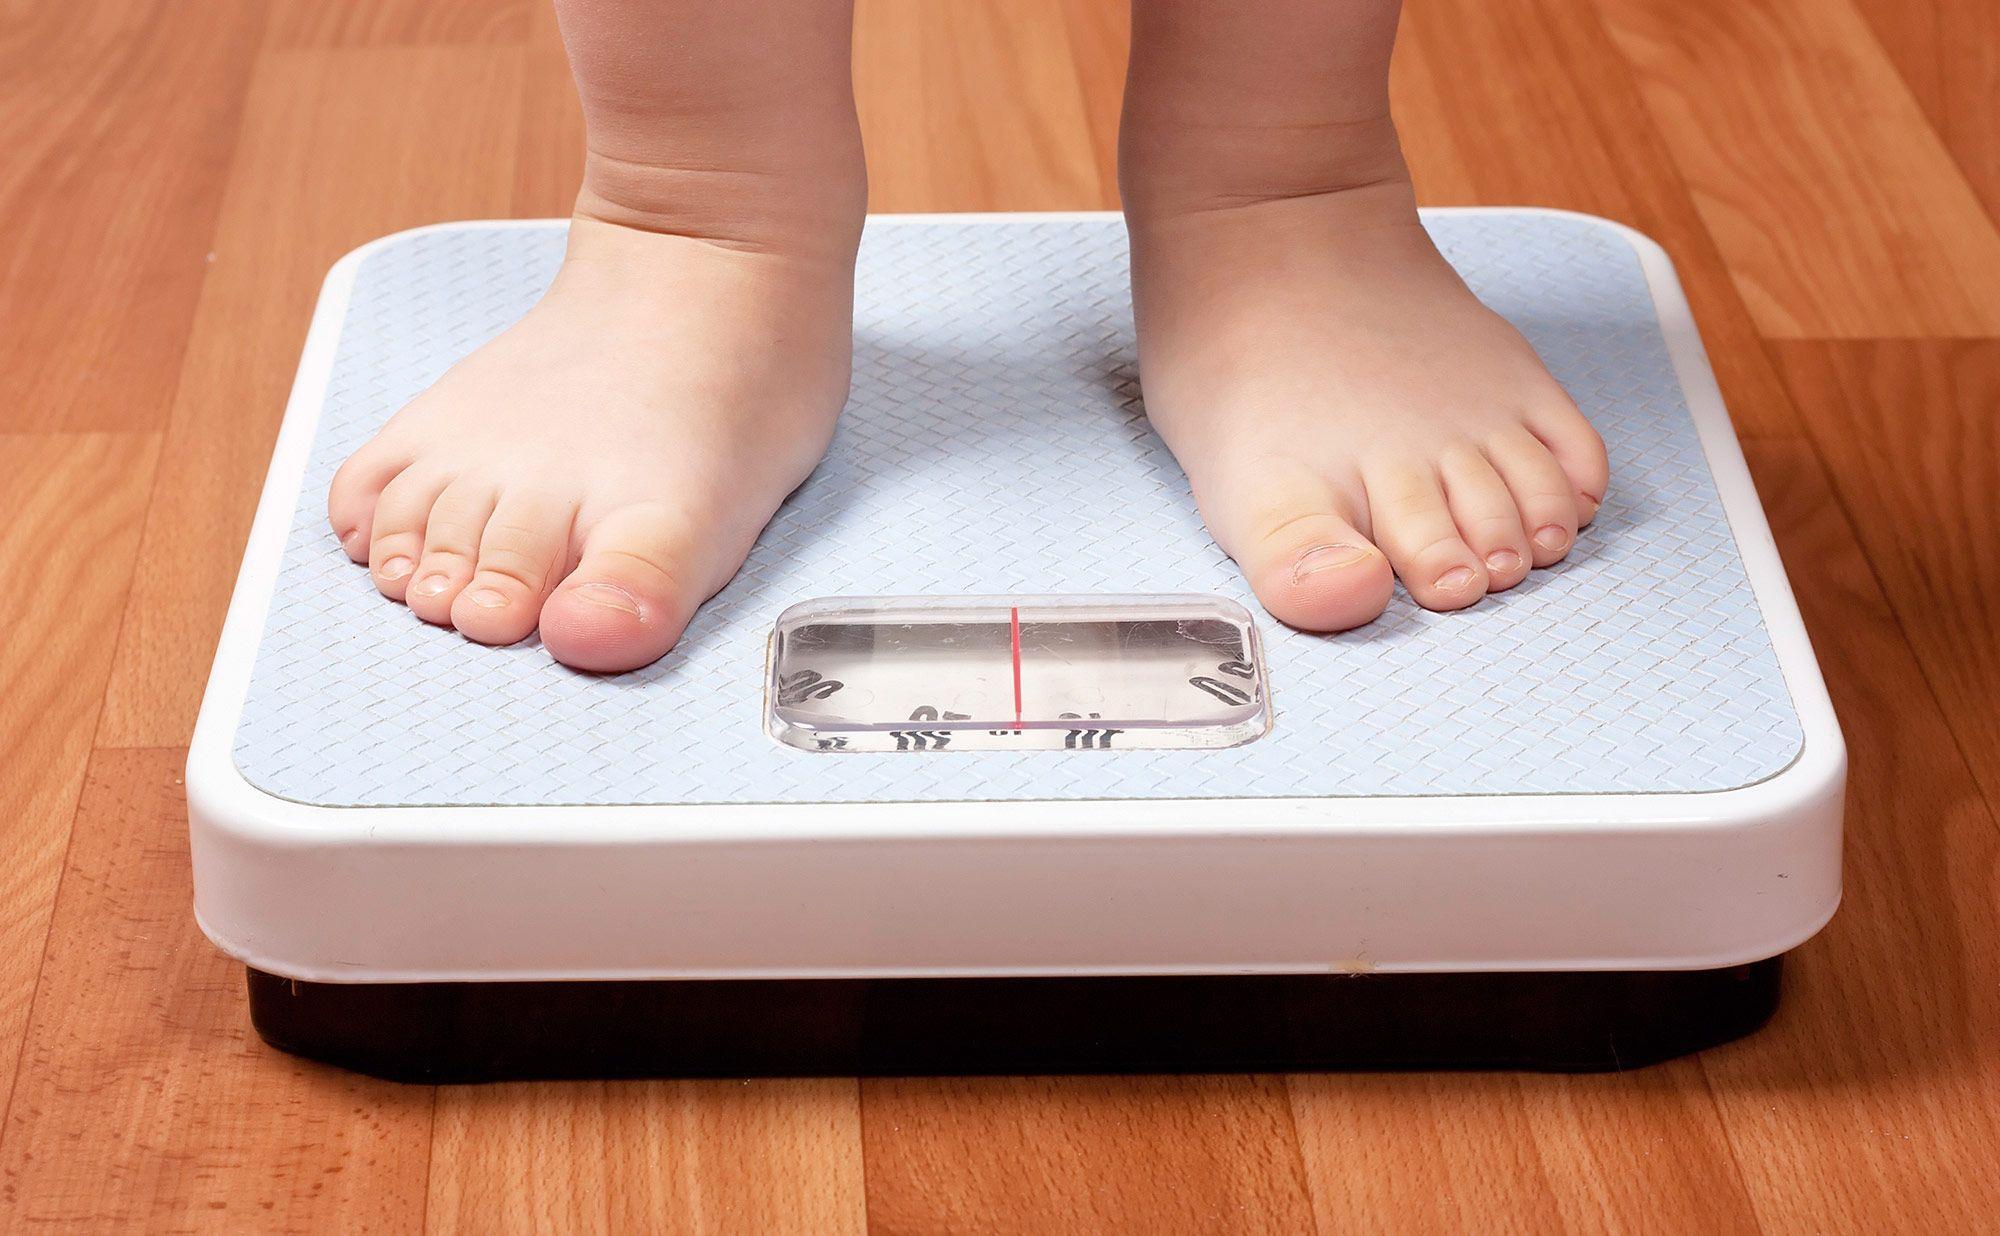 Obesidade infantil deve atingir mais de 11 milhões de crianças até 2025